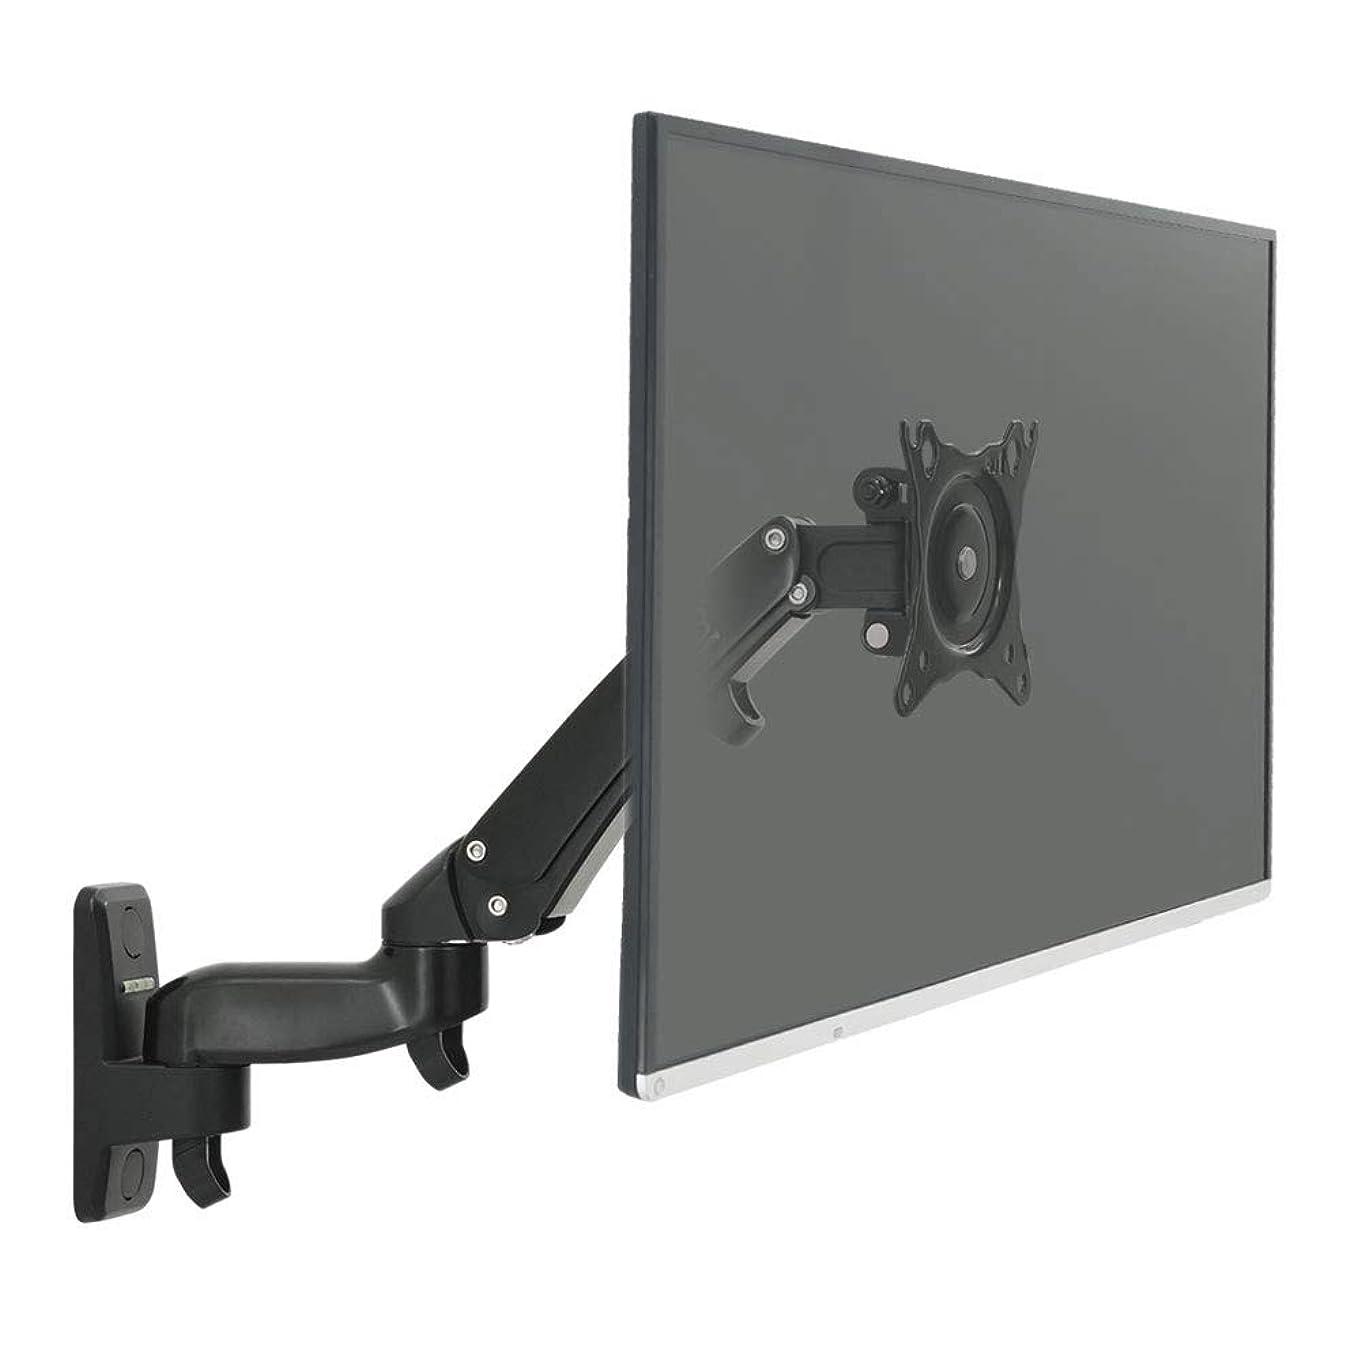 ショルダー隠不良イーサプライ テレビ壁掛け金具 32-40インチ対応 モニターアーム 薄型 上下左右可動 360度回転 EEX-TVKA001